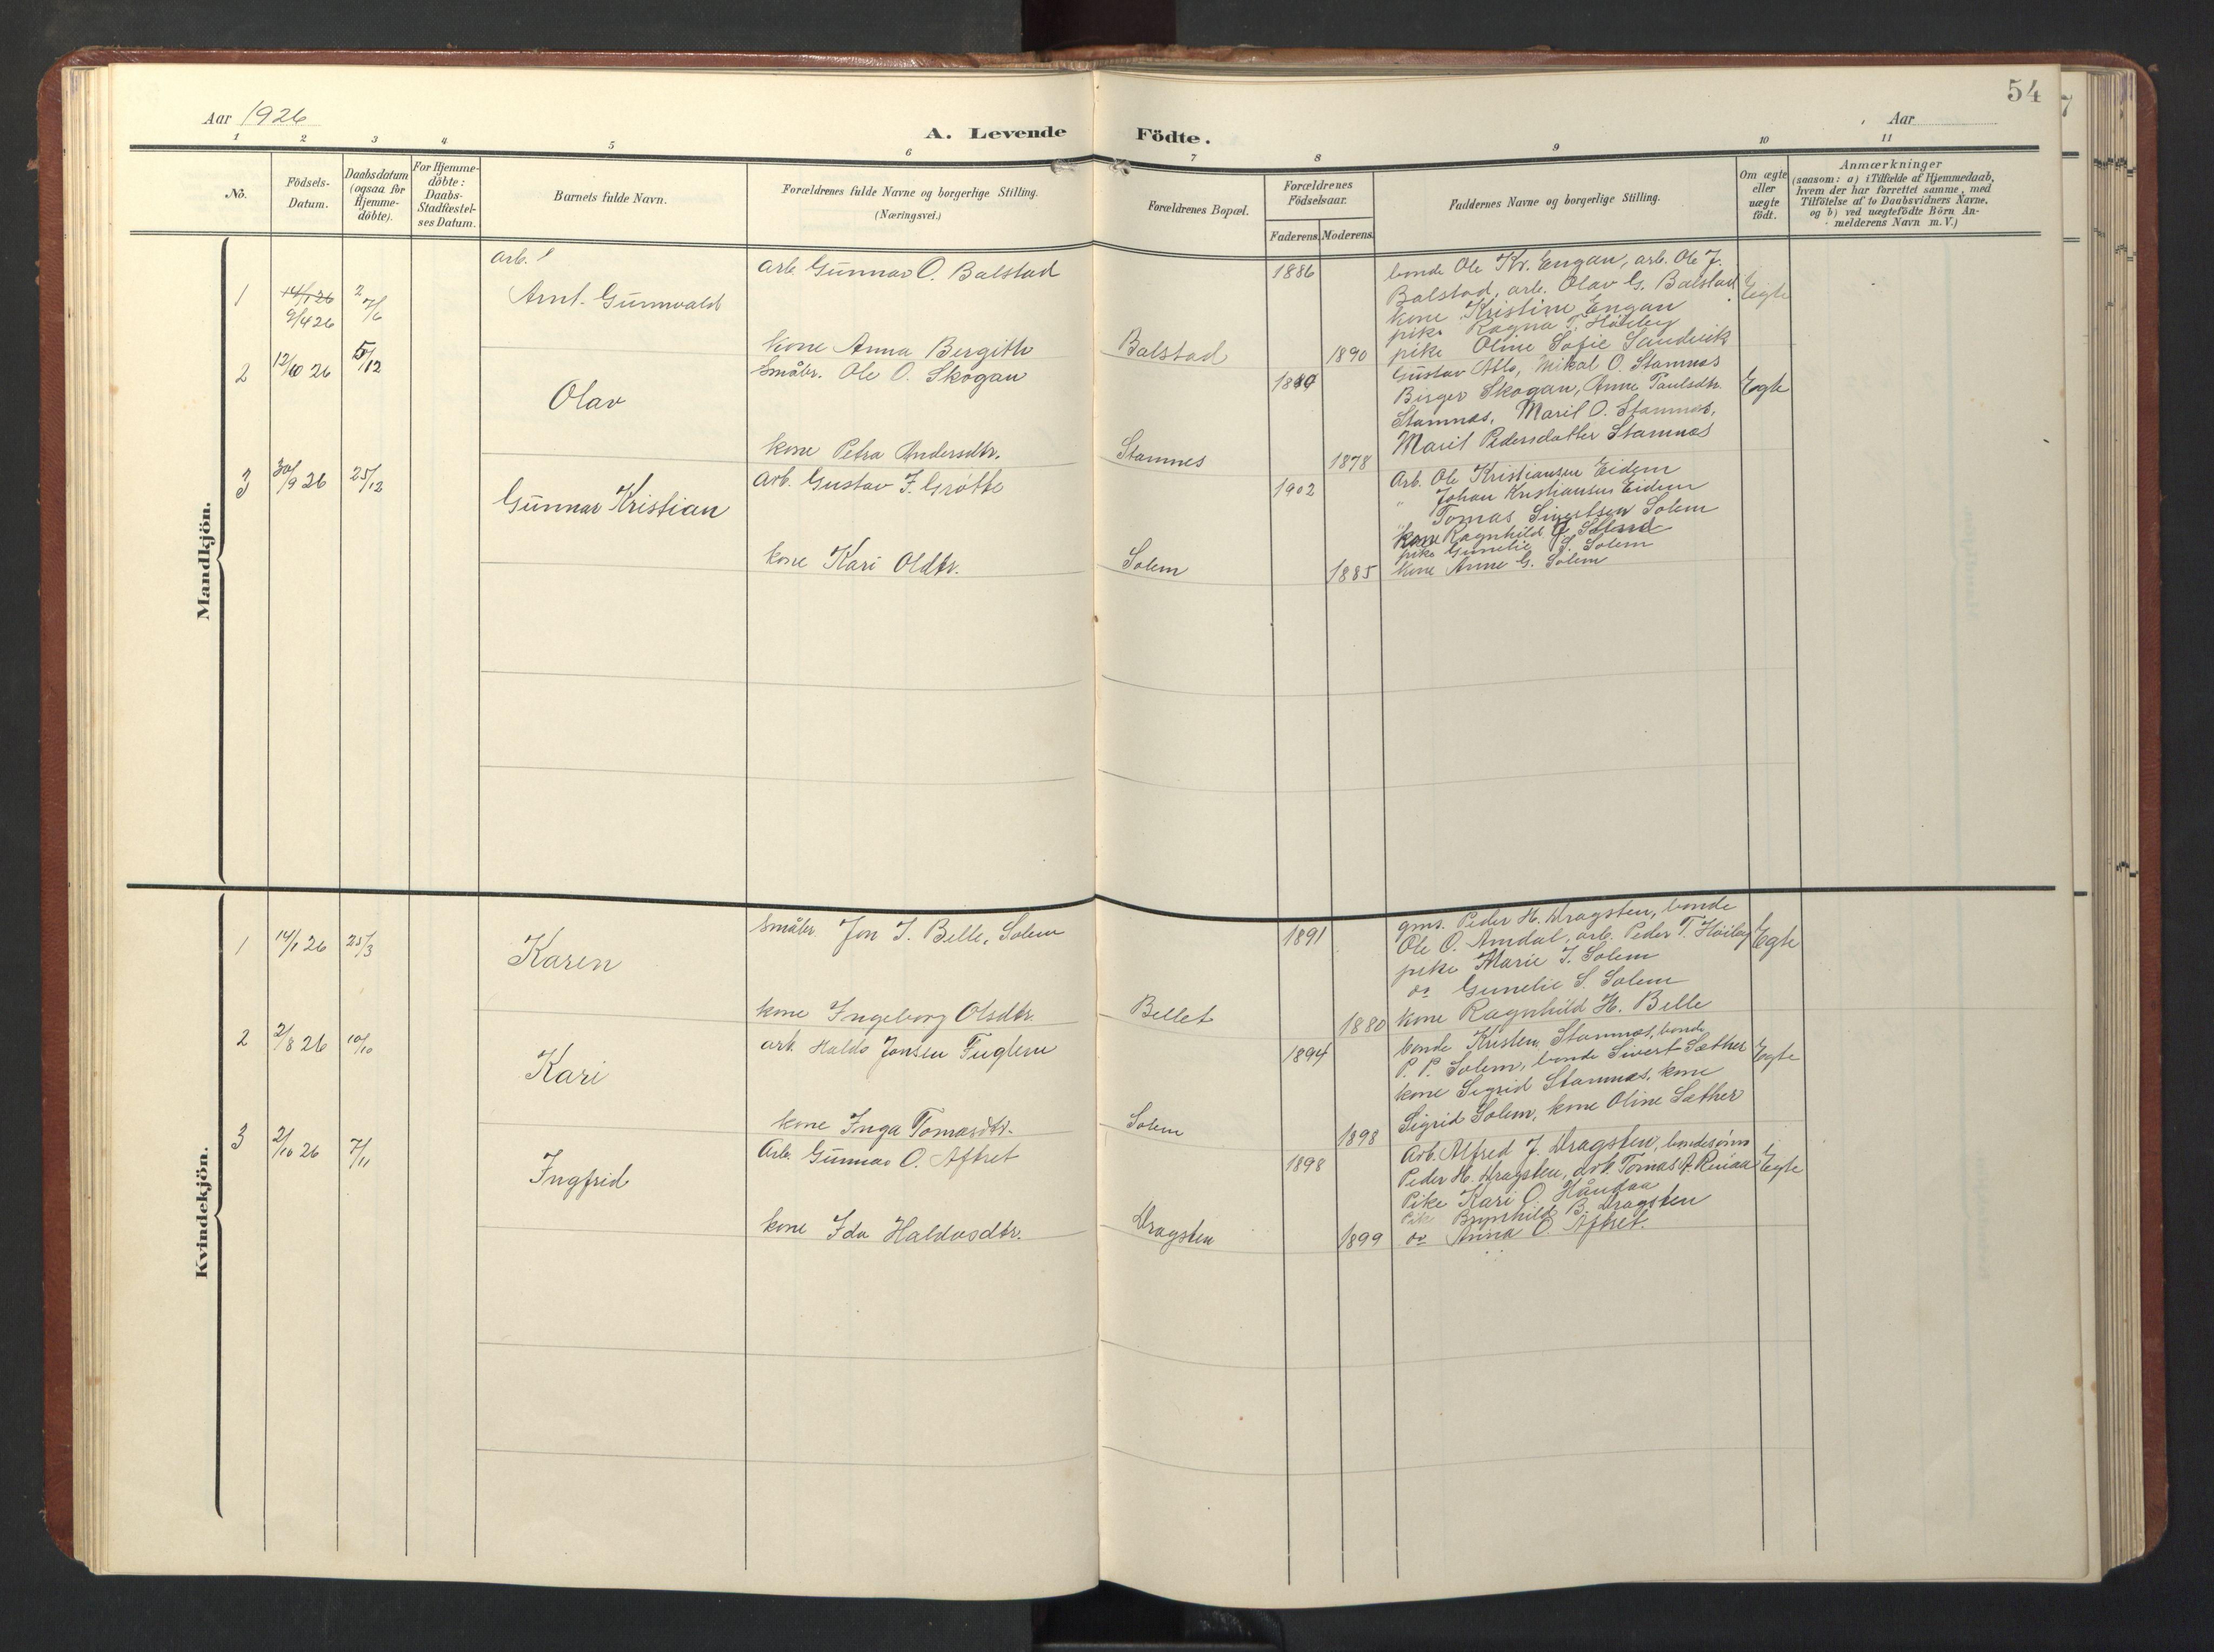 SAT, Ministerialprotokoller, klokkerbøker og fødselsregistre - Sør-Trøndelag, 696/L1161: Klokkerbok nr. 696C01, 1902-1950, s. 54